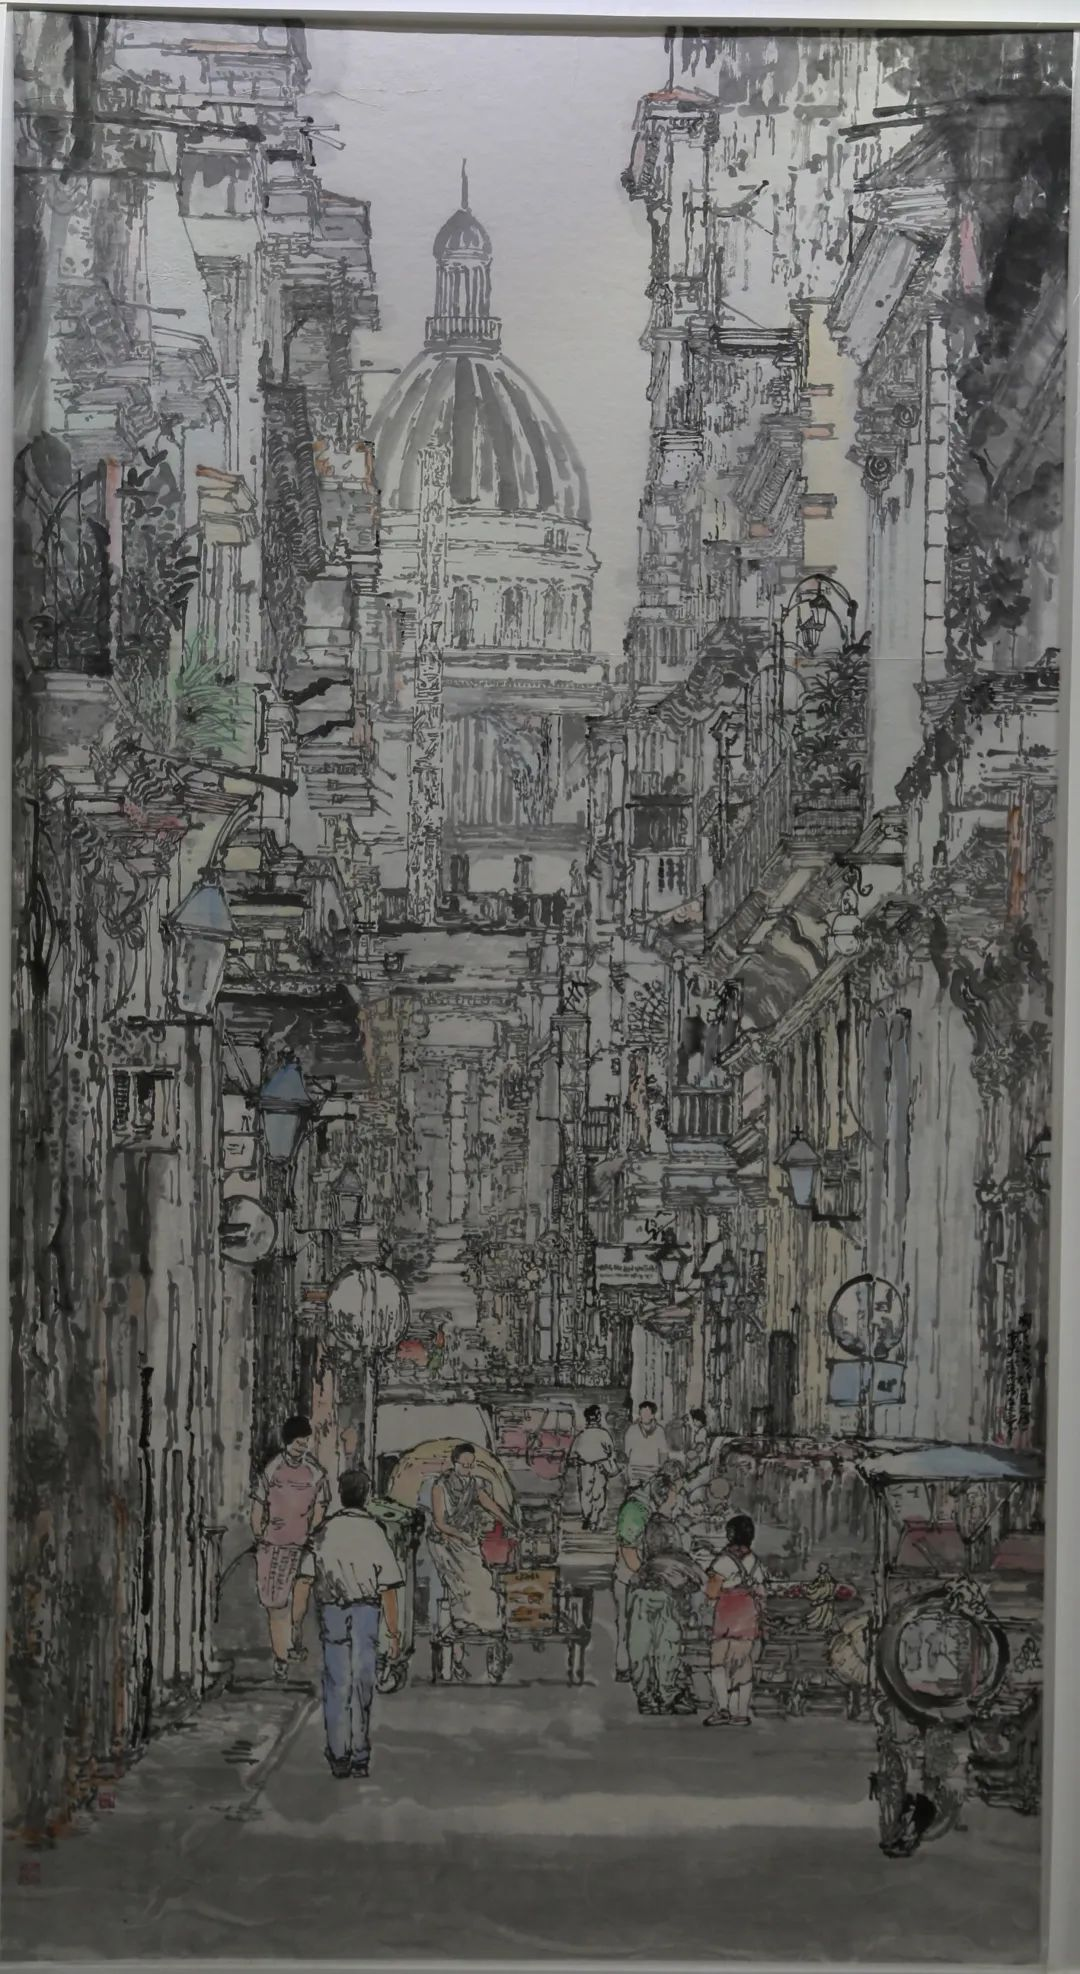 传承红色文化 携手共迎小康 苏皖两省六市书画展在蚌埠开幕(图16)